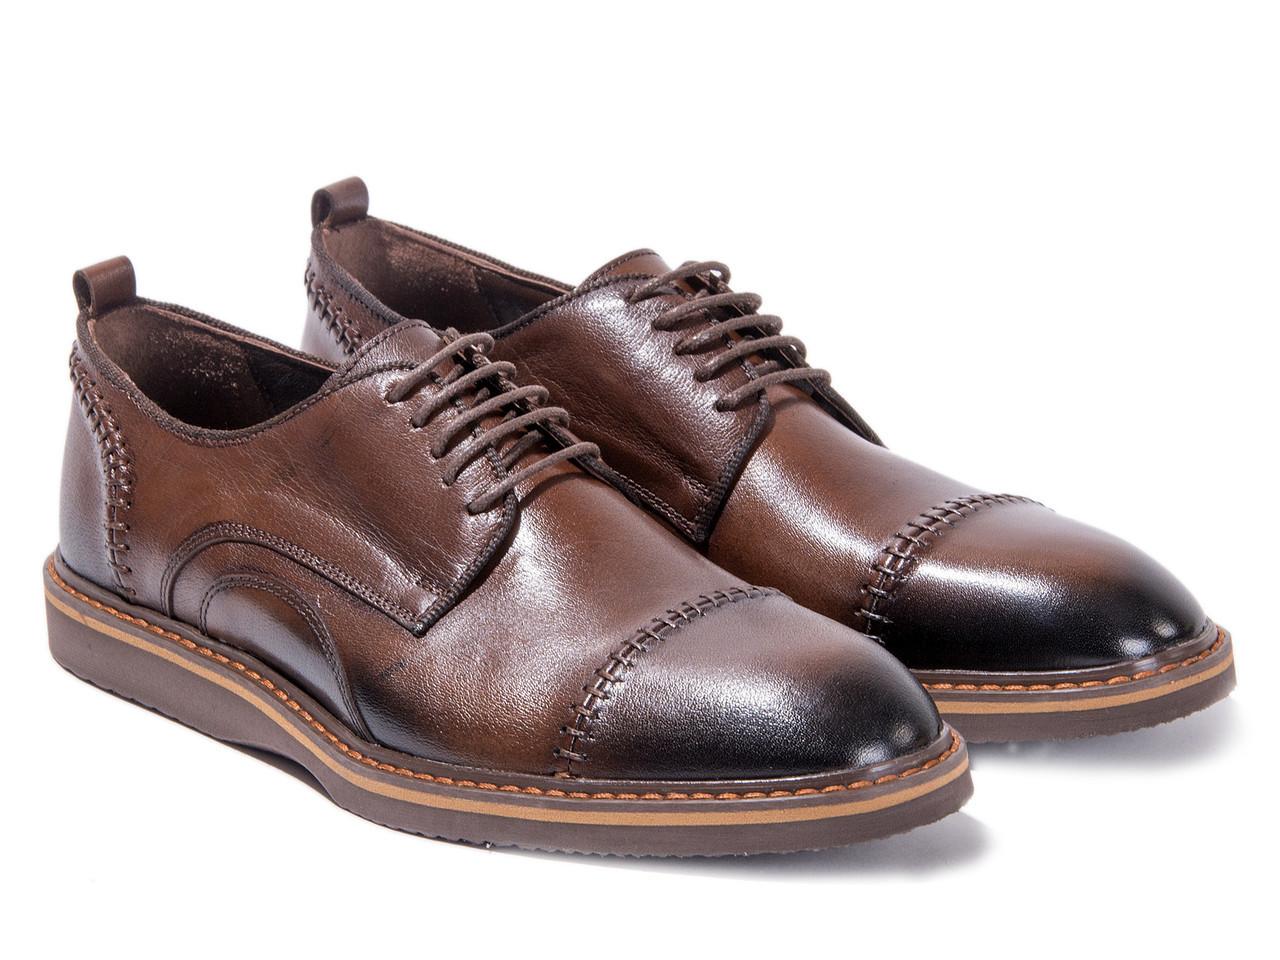 Дерби Etor 12982-171 40 коричневые